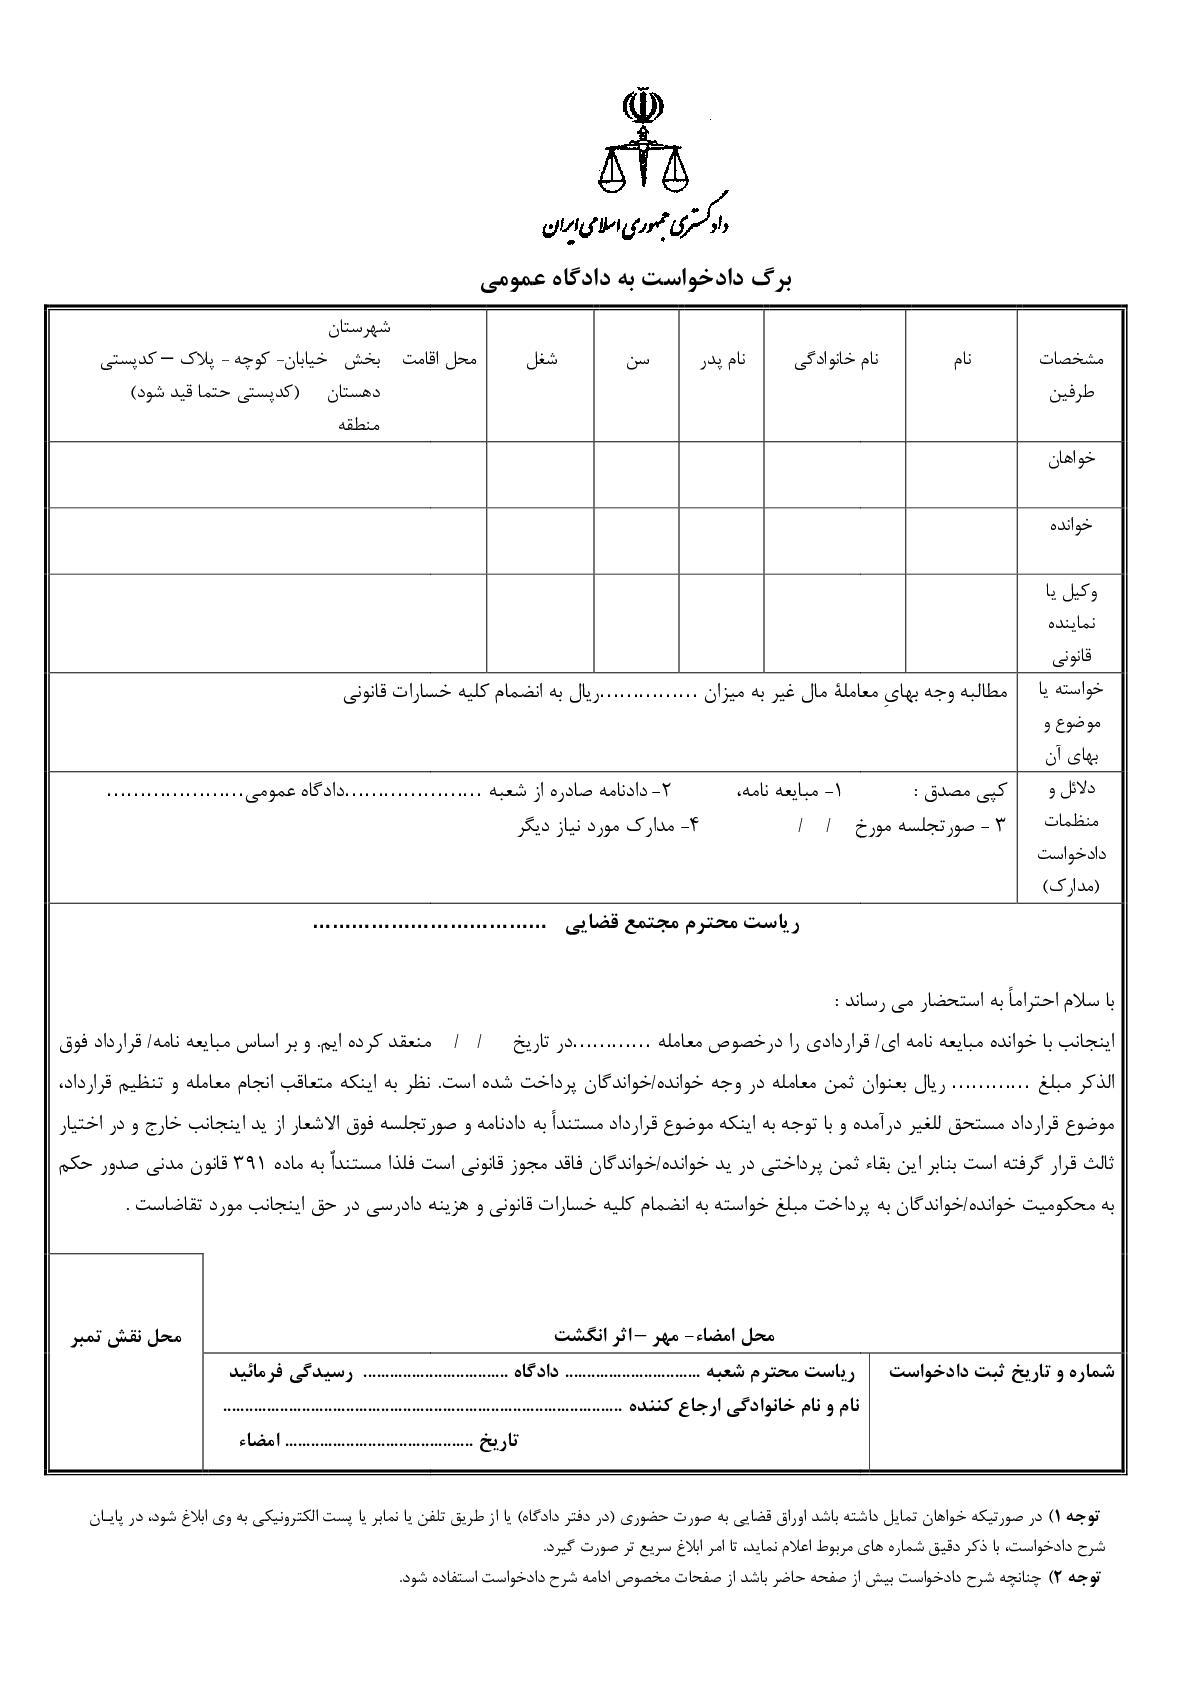 دادخواست مطالبه وجه بهاء مورد معامله مال غیر (از دادگاه)